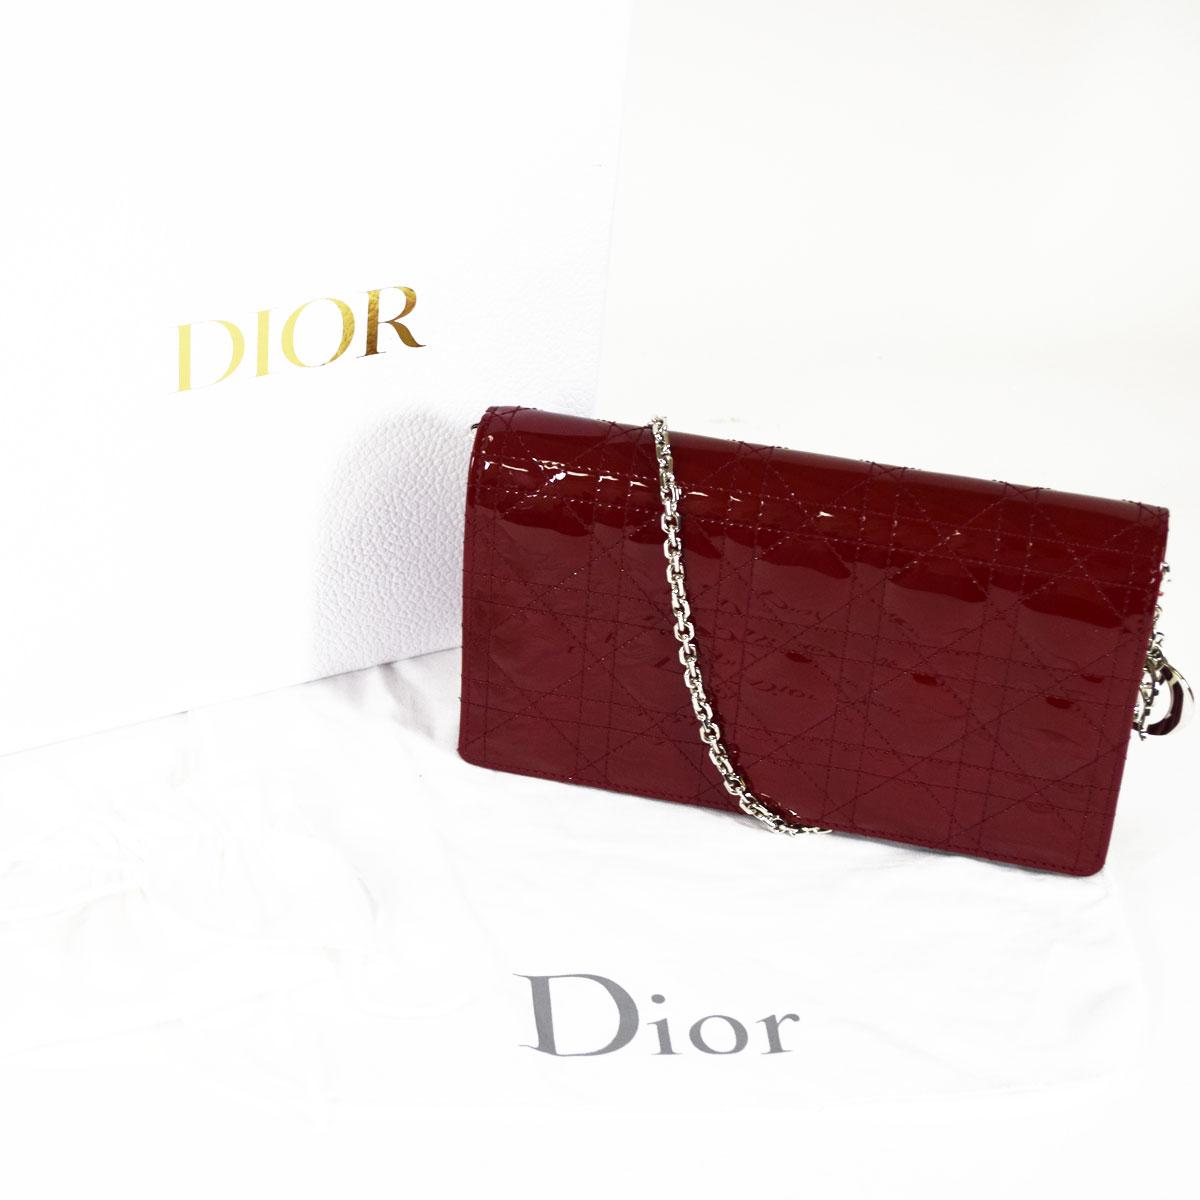 レディースバッグ, クラッチバッグ・セカンドバッグ Christian Dior 2WAY made in ITALY 31420623